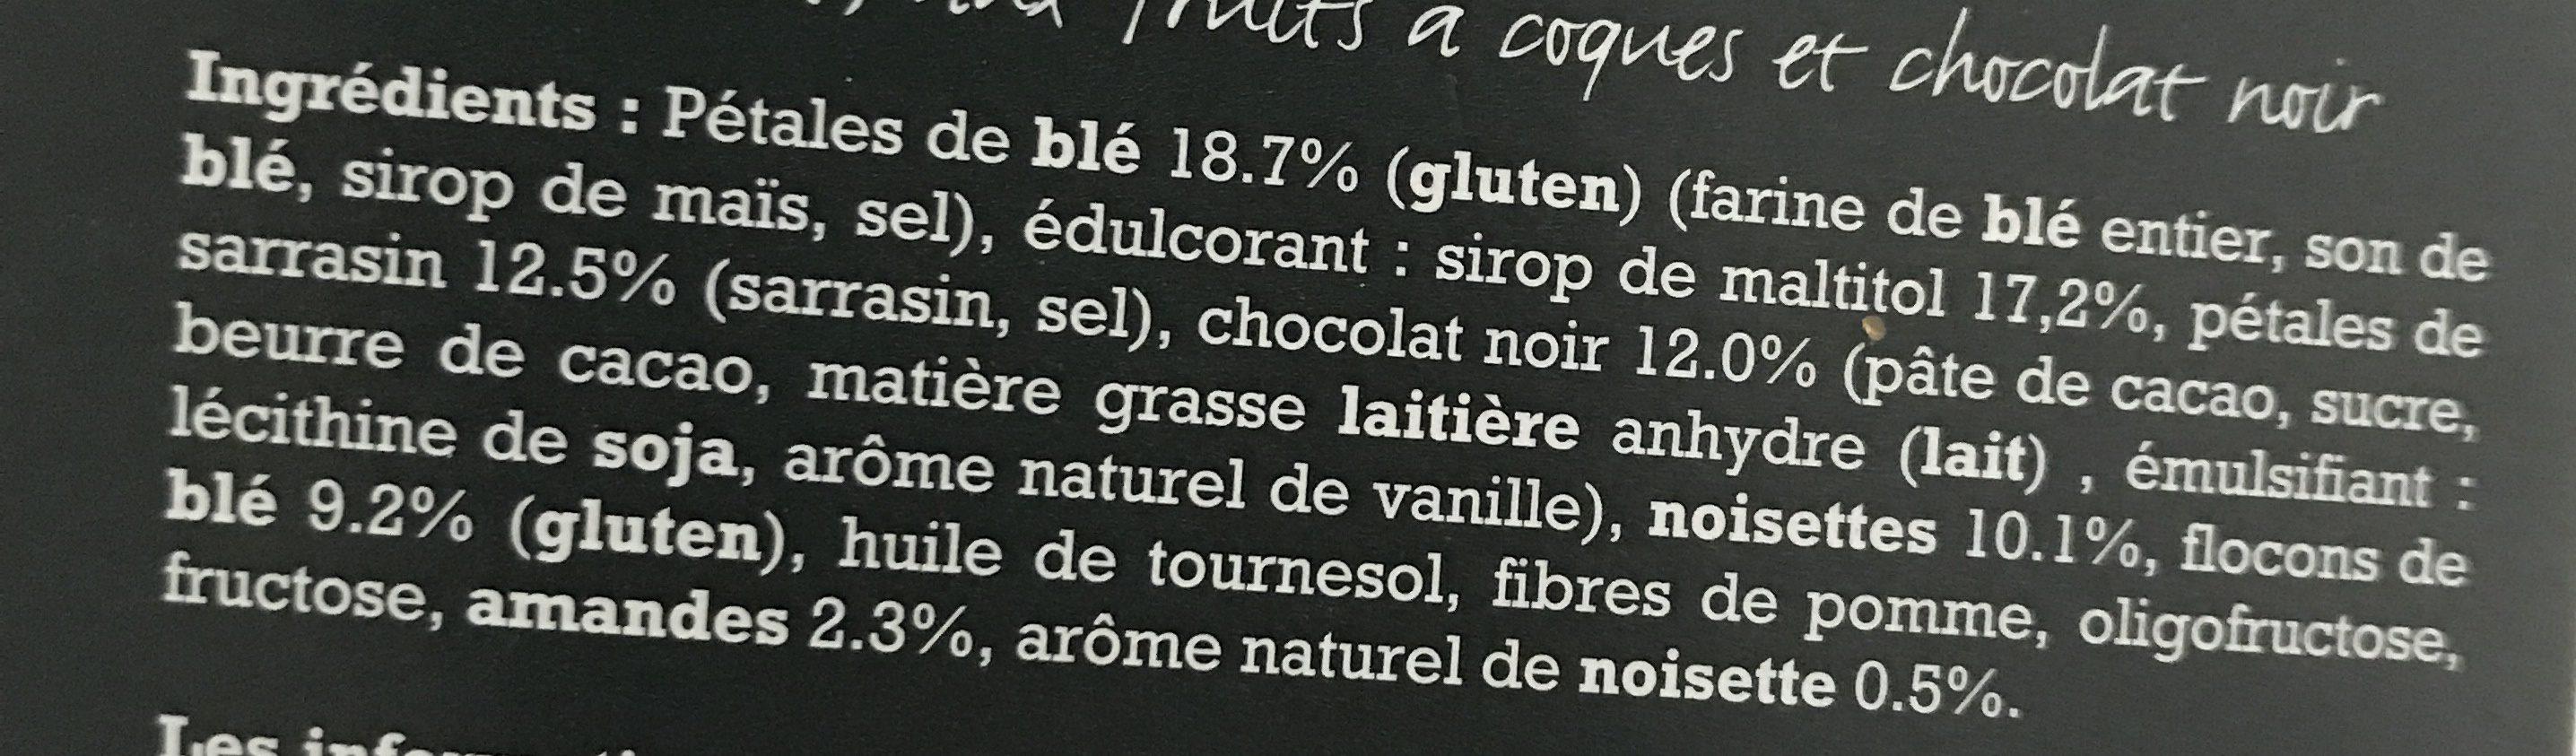 Barres de céréales noisettes, amandes, chocolat - Ingrediënten - fr